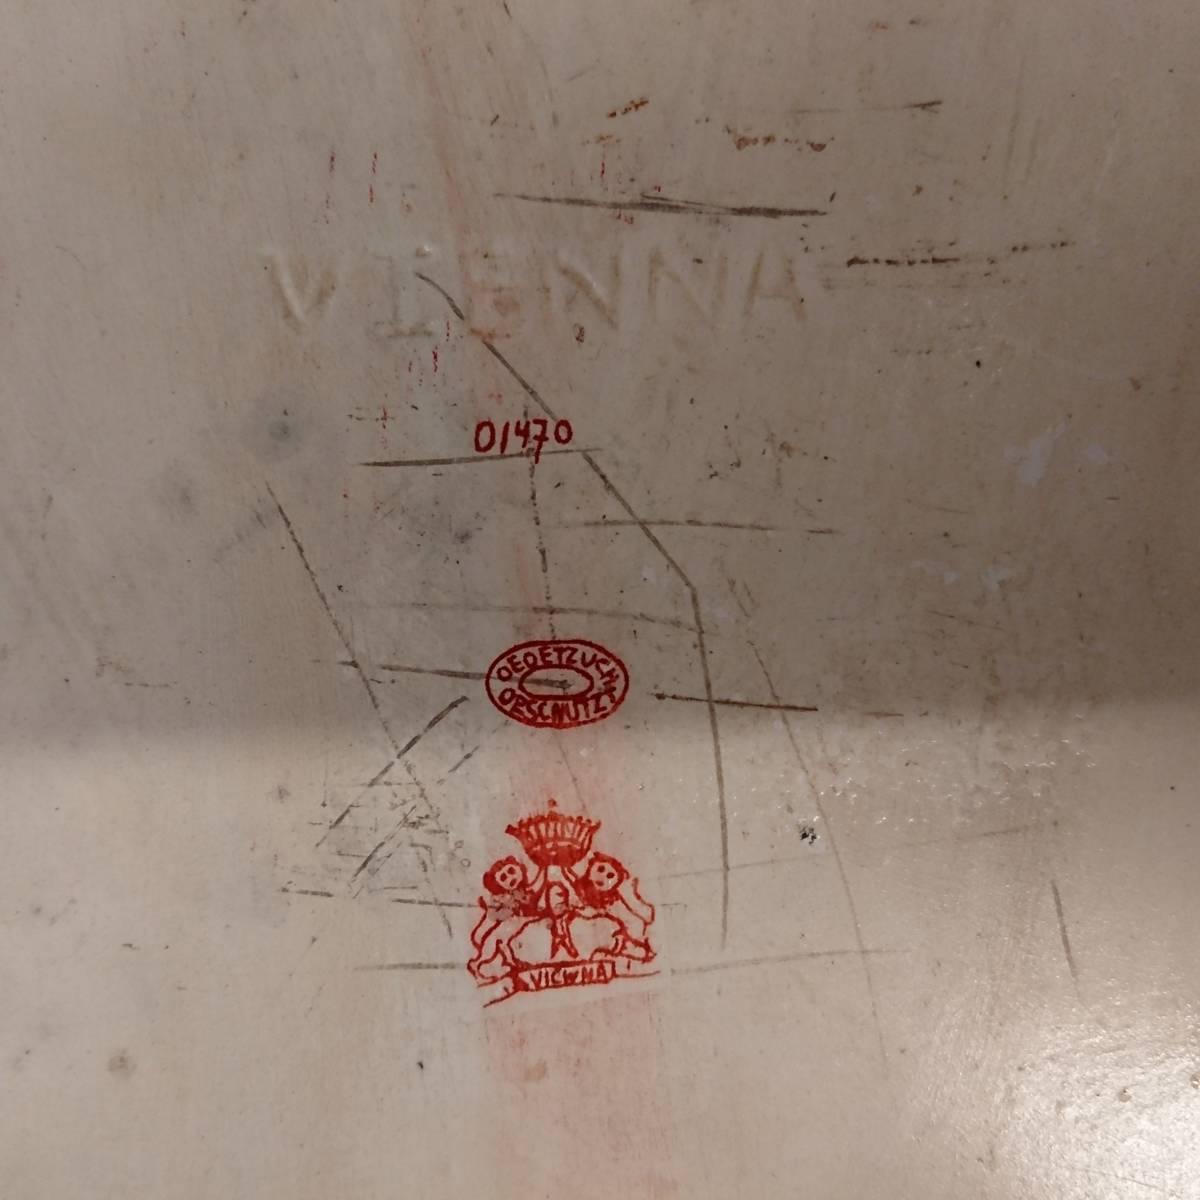 美麗 華麗 ロイヤルヴィエナ 額装 陶版画 大パネル 40㎝ 船港湾 美麗 額装 大型船出航図_画像10